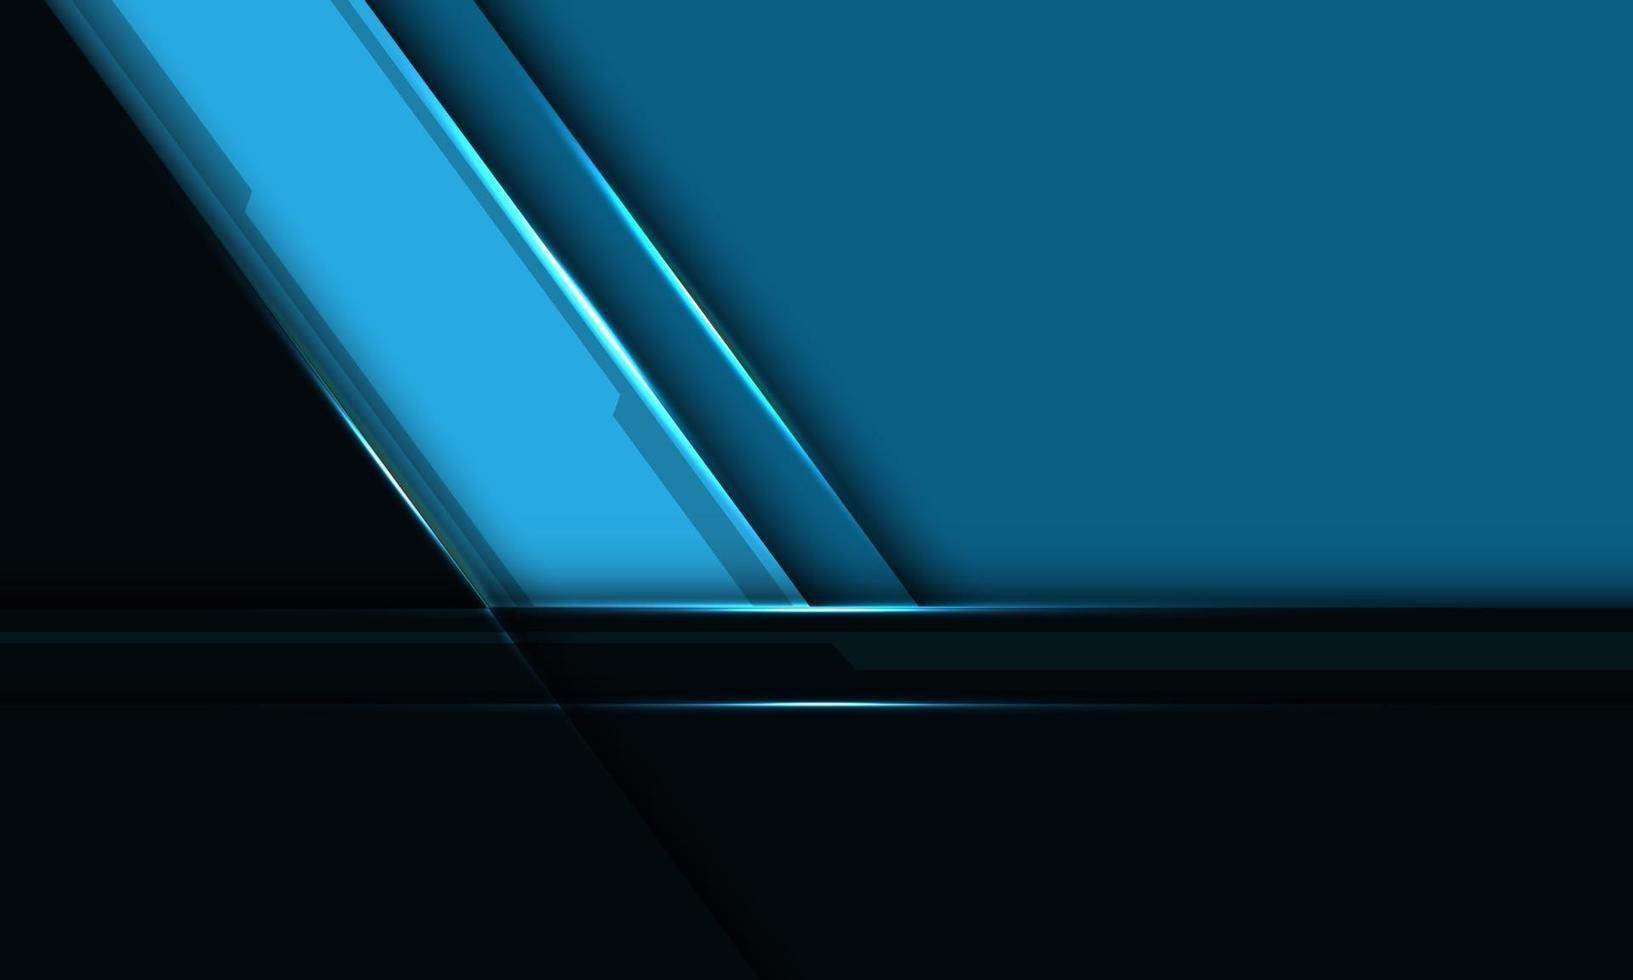 abstracte blauwe zwarte metalen schuine streep overlapping met lege ruimte ontwerp moderne futuristische achtergrond vectorillustratie. vector